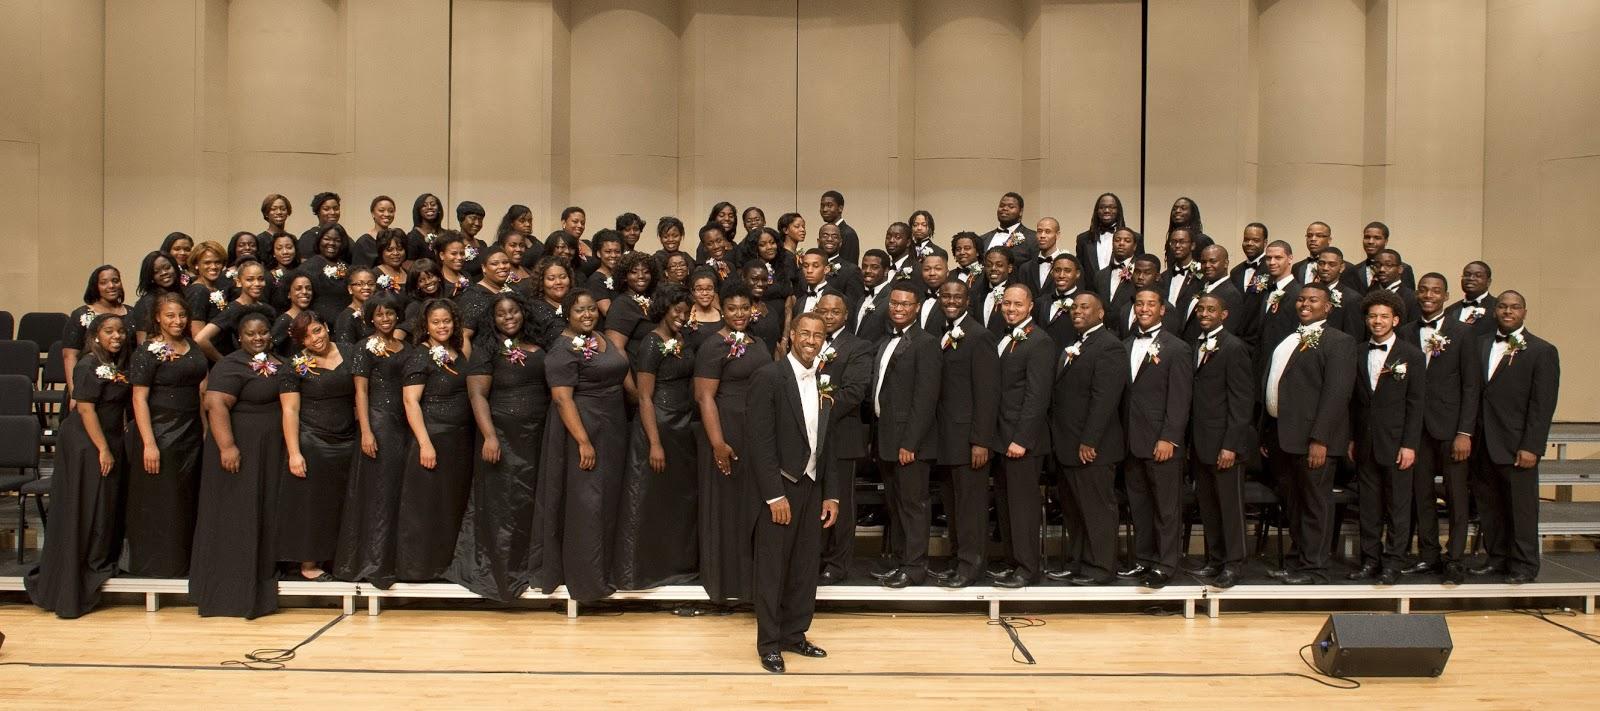 Choir Assignments – Fun ideas!